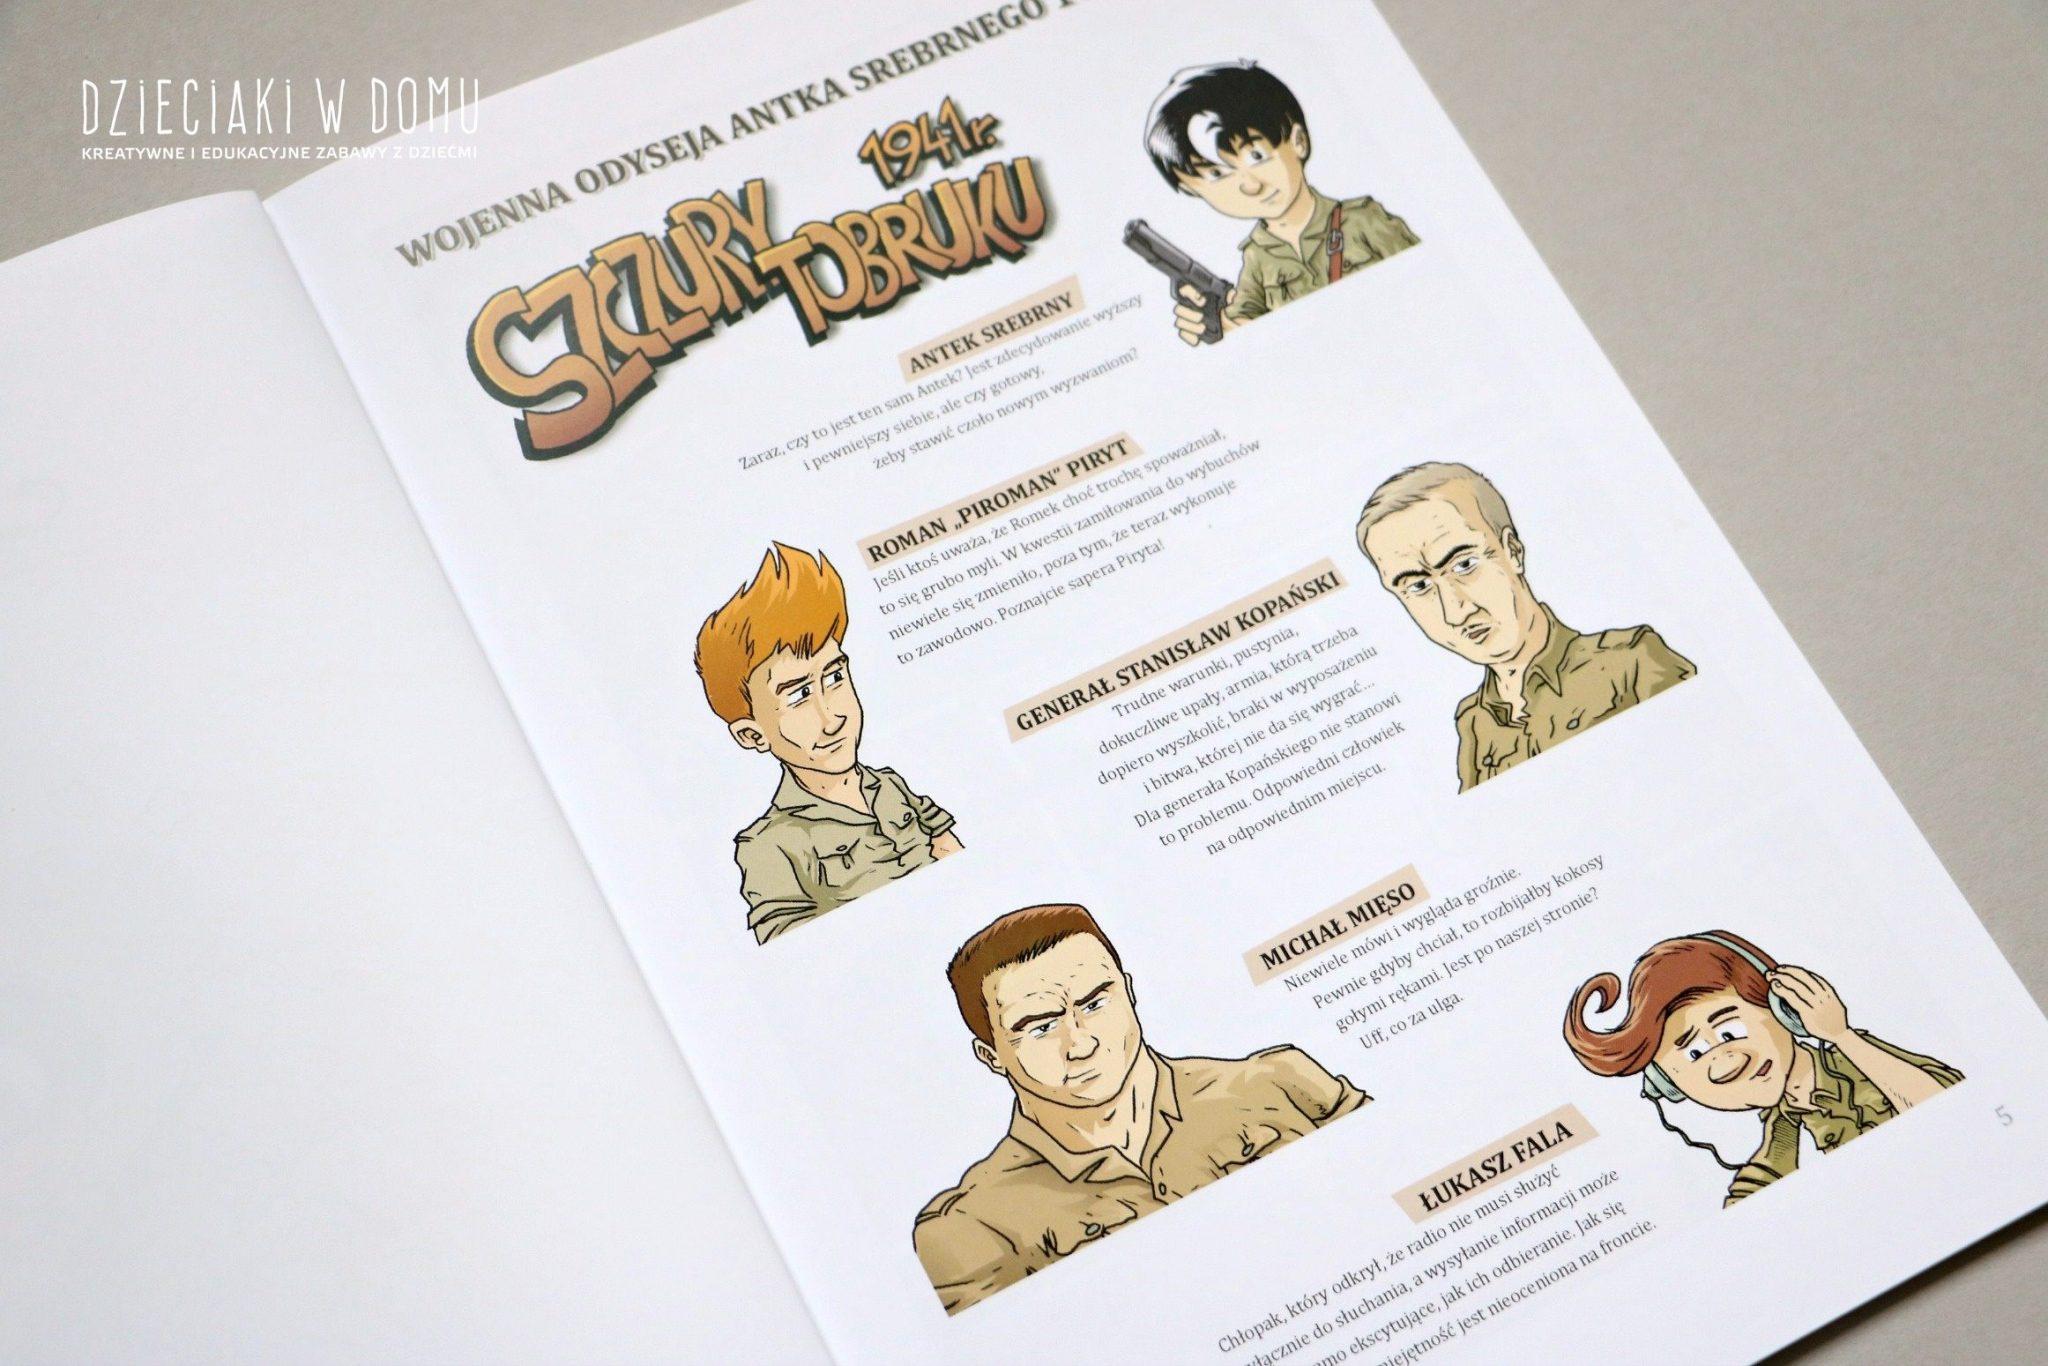 wojenna odyseja - komiks historyczny dla dzieci